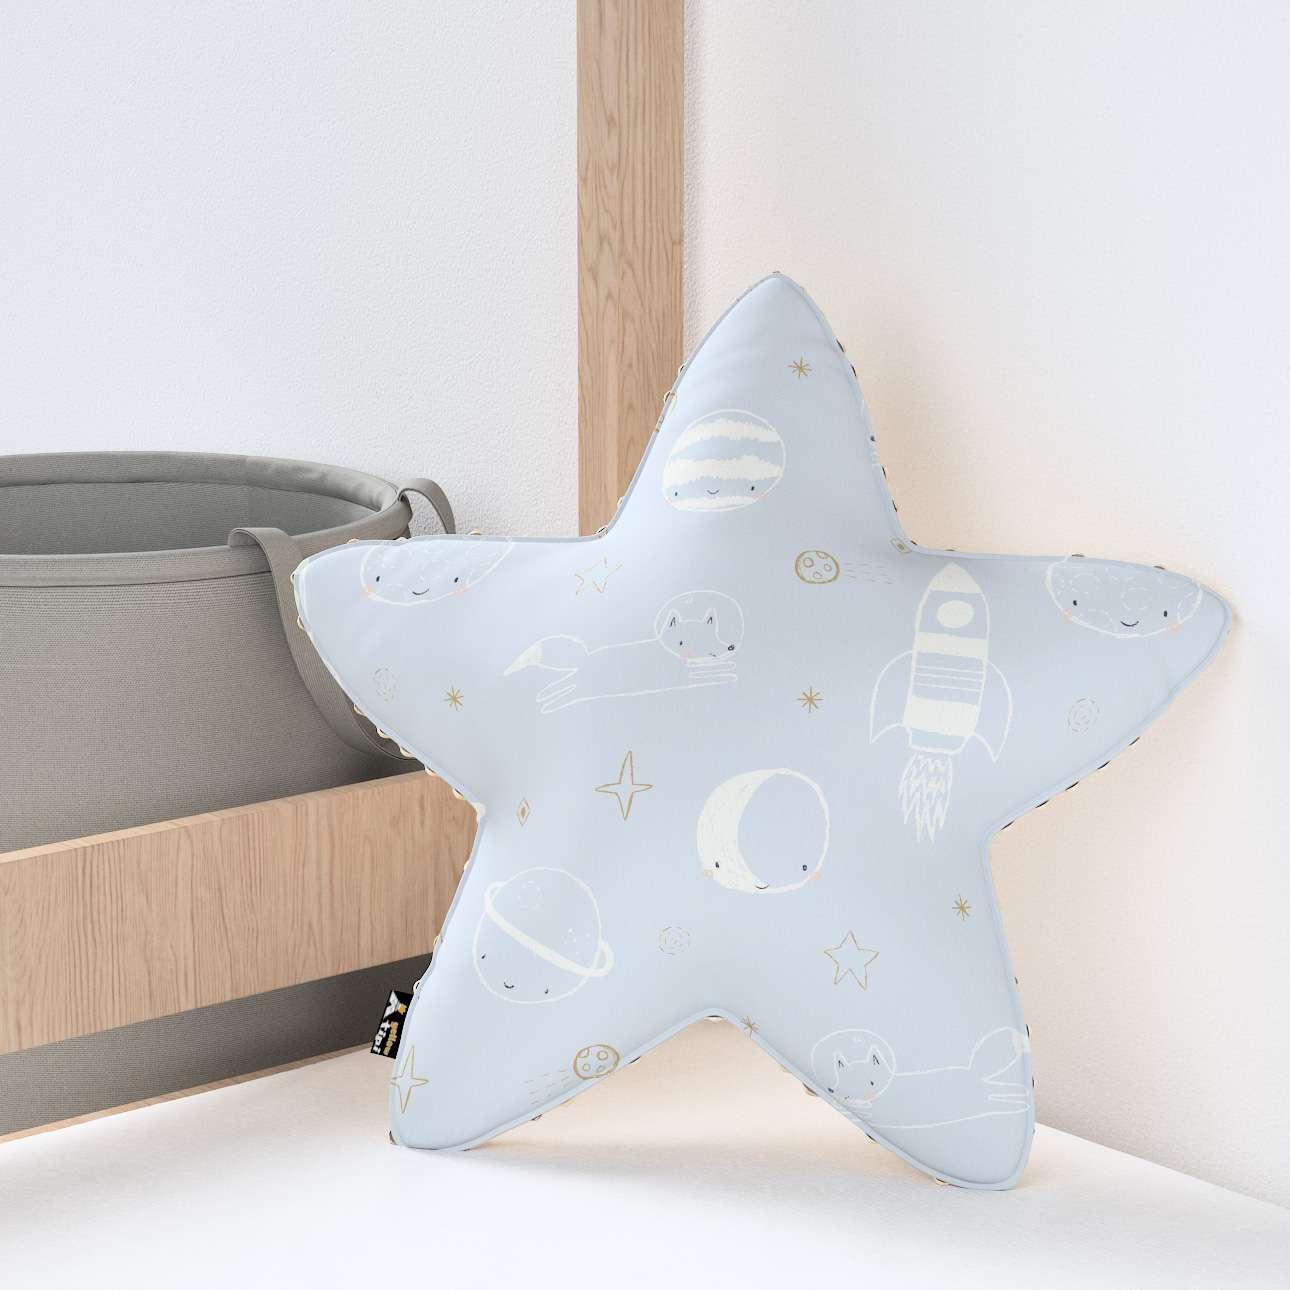 Kissen Lucky Star aus Minky von der Kollektion Magic Collection, Stoff: 500-16